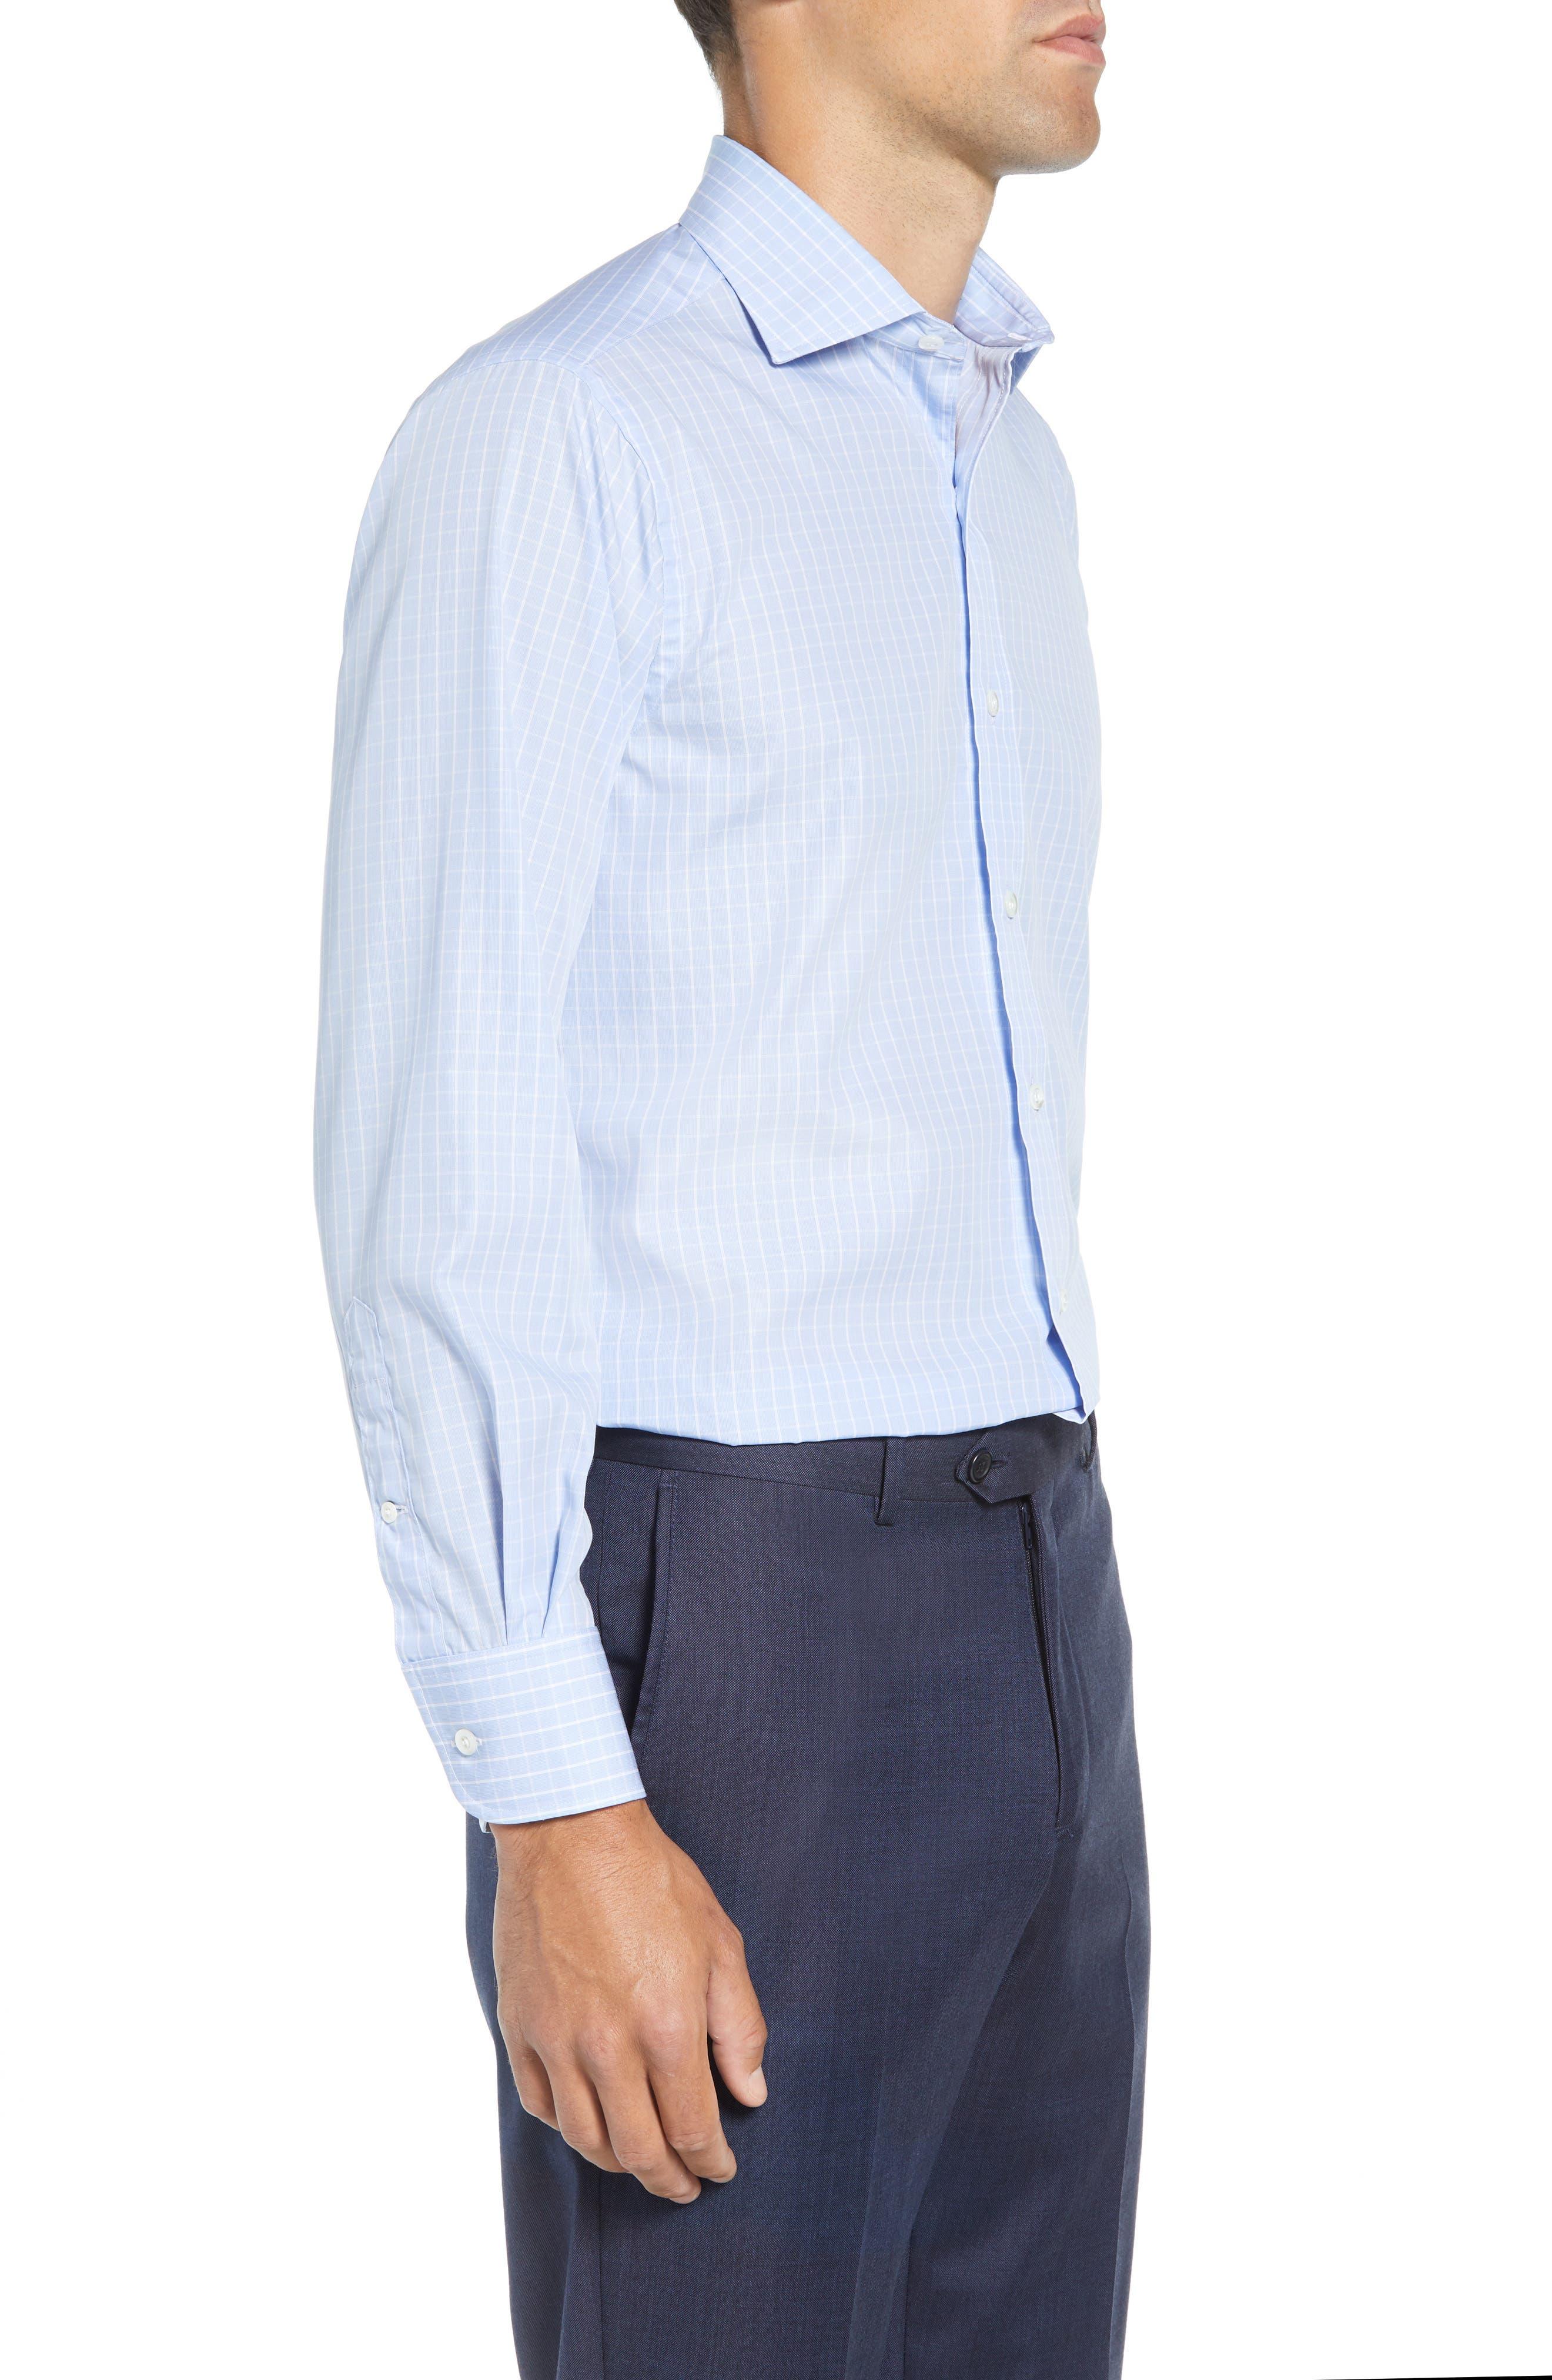 McBride Trim Fit Check Dress Shirt,                             Alternate thumbnail 4, color,                             BLUE